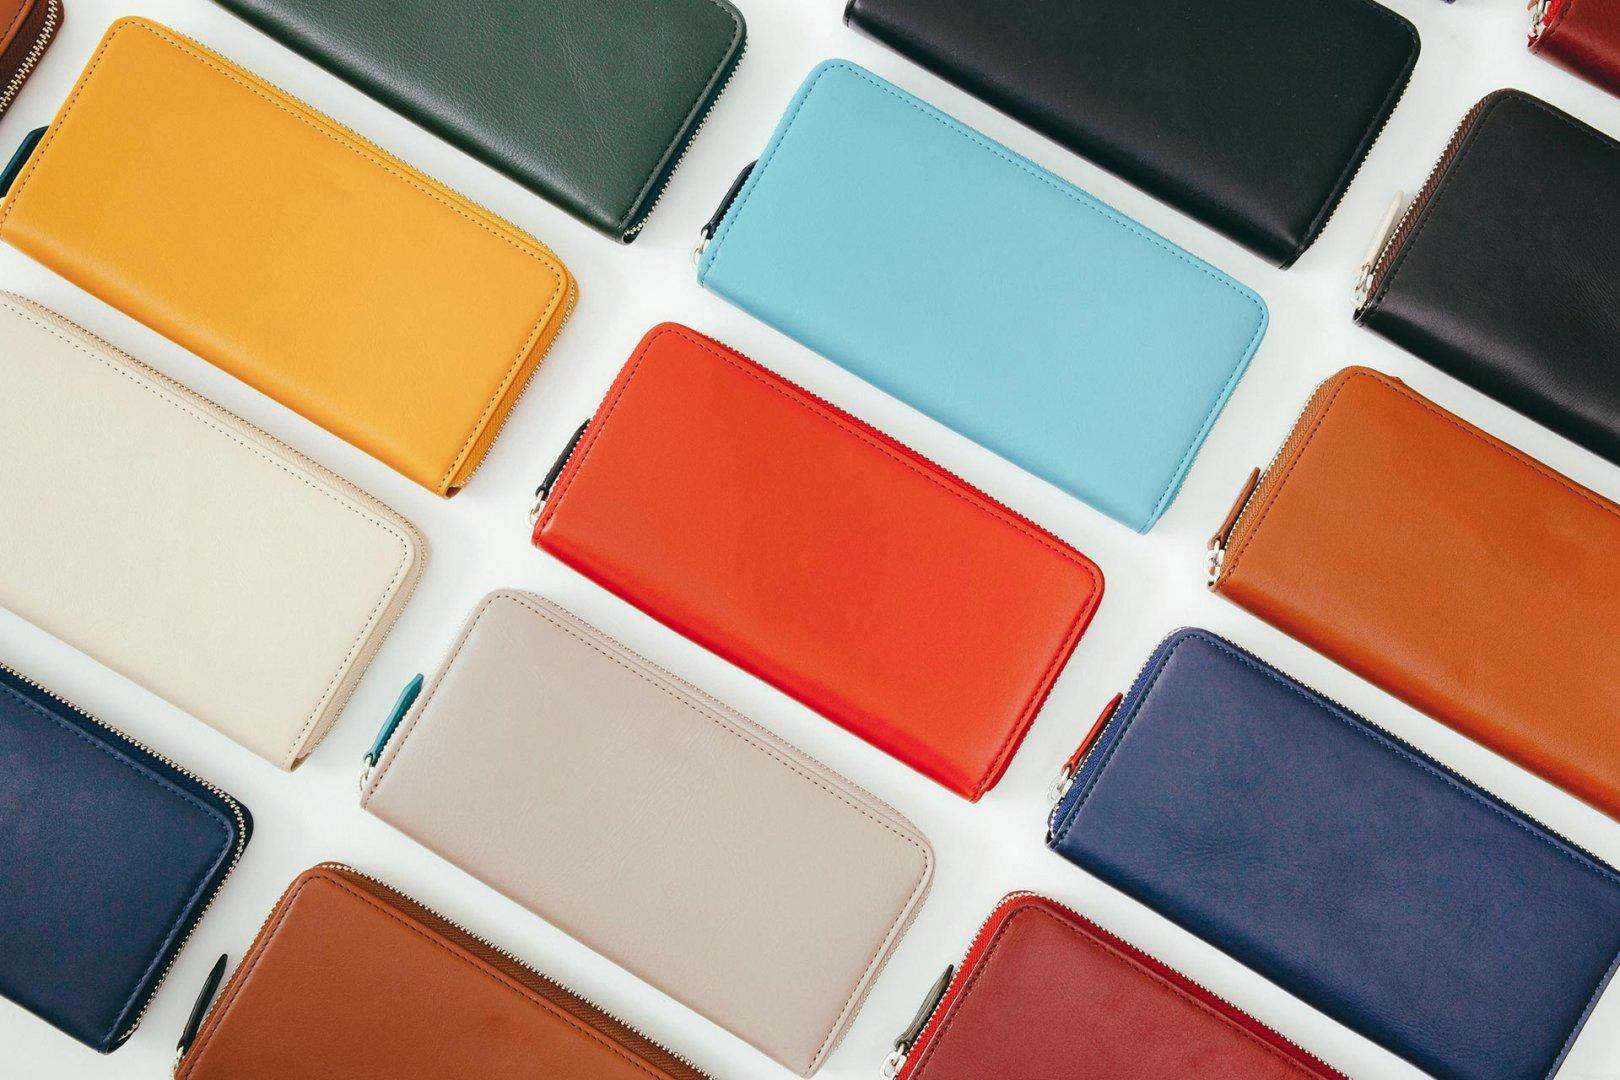 【まとめ】オーダーメイドの革財布ならJOGGO(ジョッゴ)! 種類や特徴と選び方を解説!